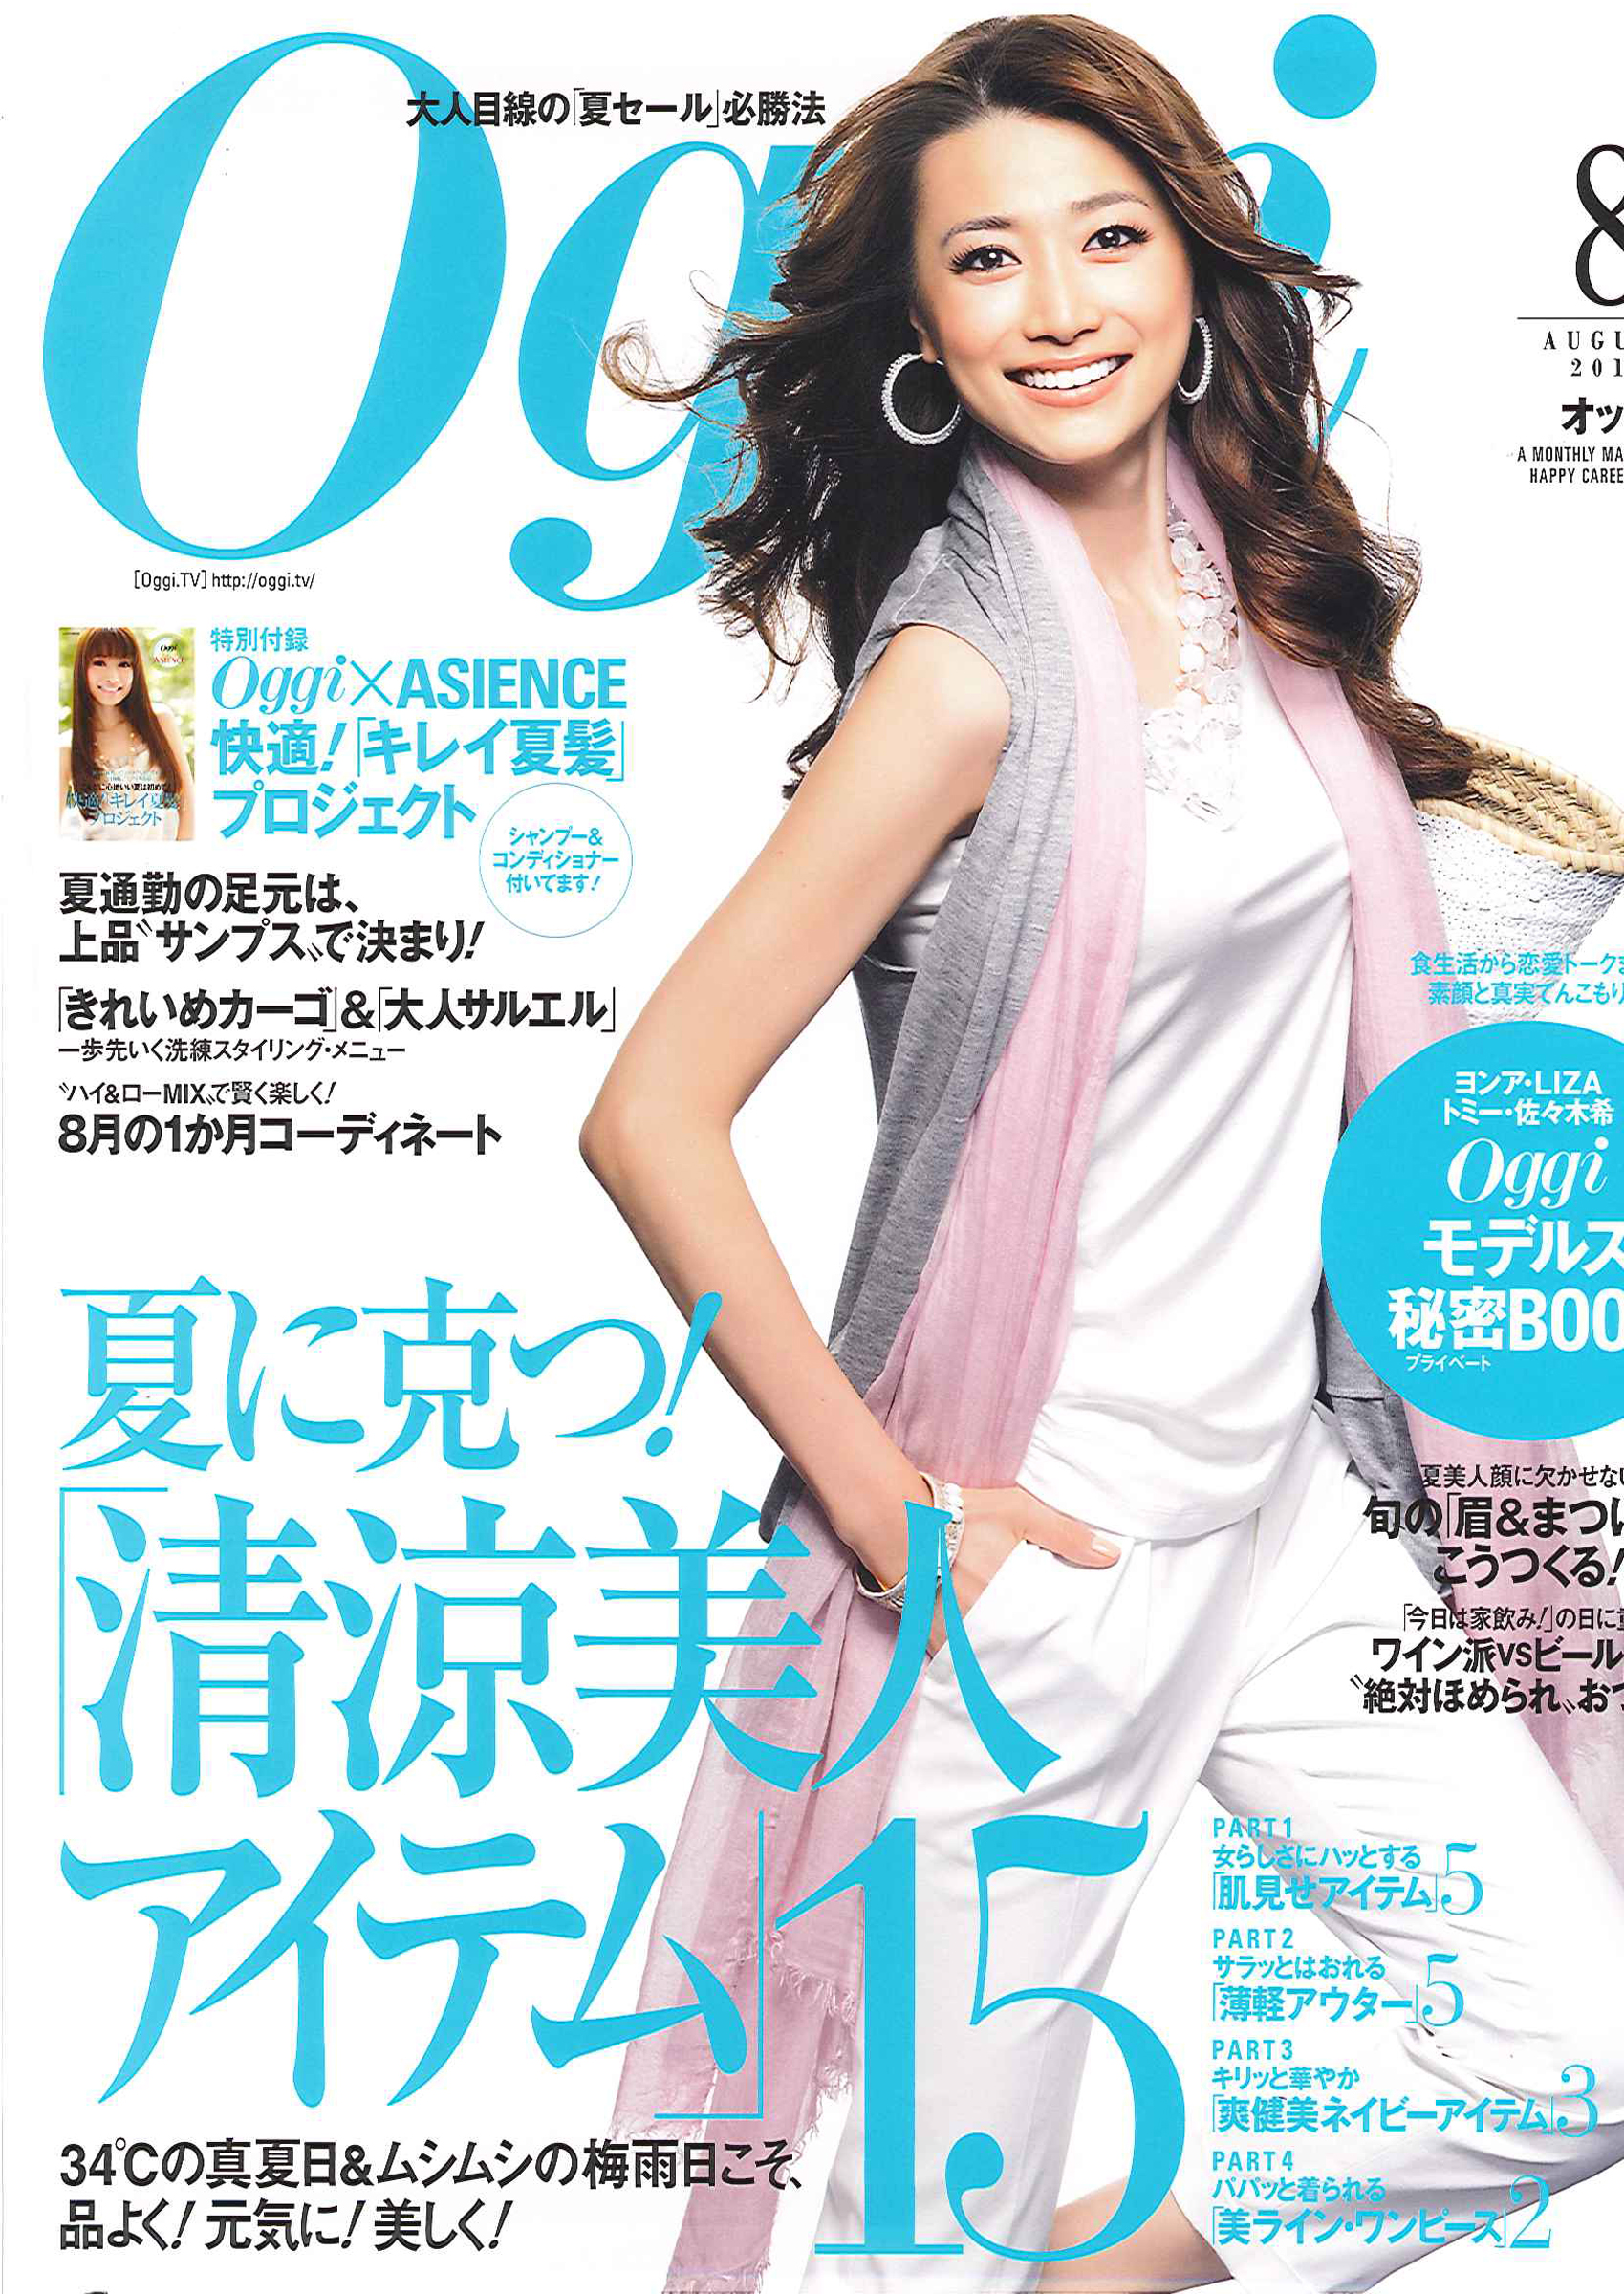 oggi COVER-simon-1.jpg